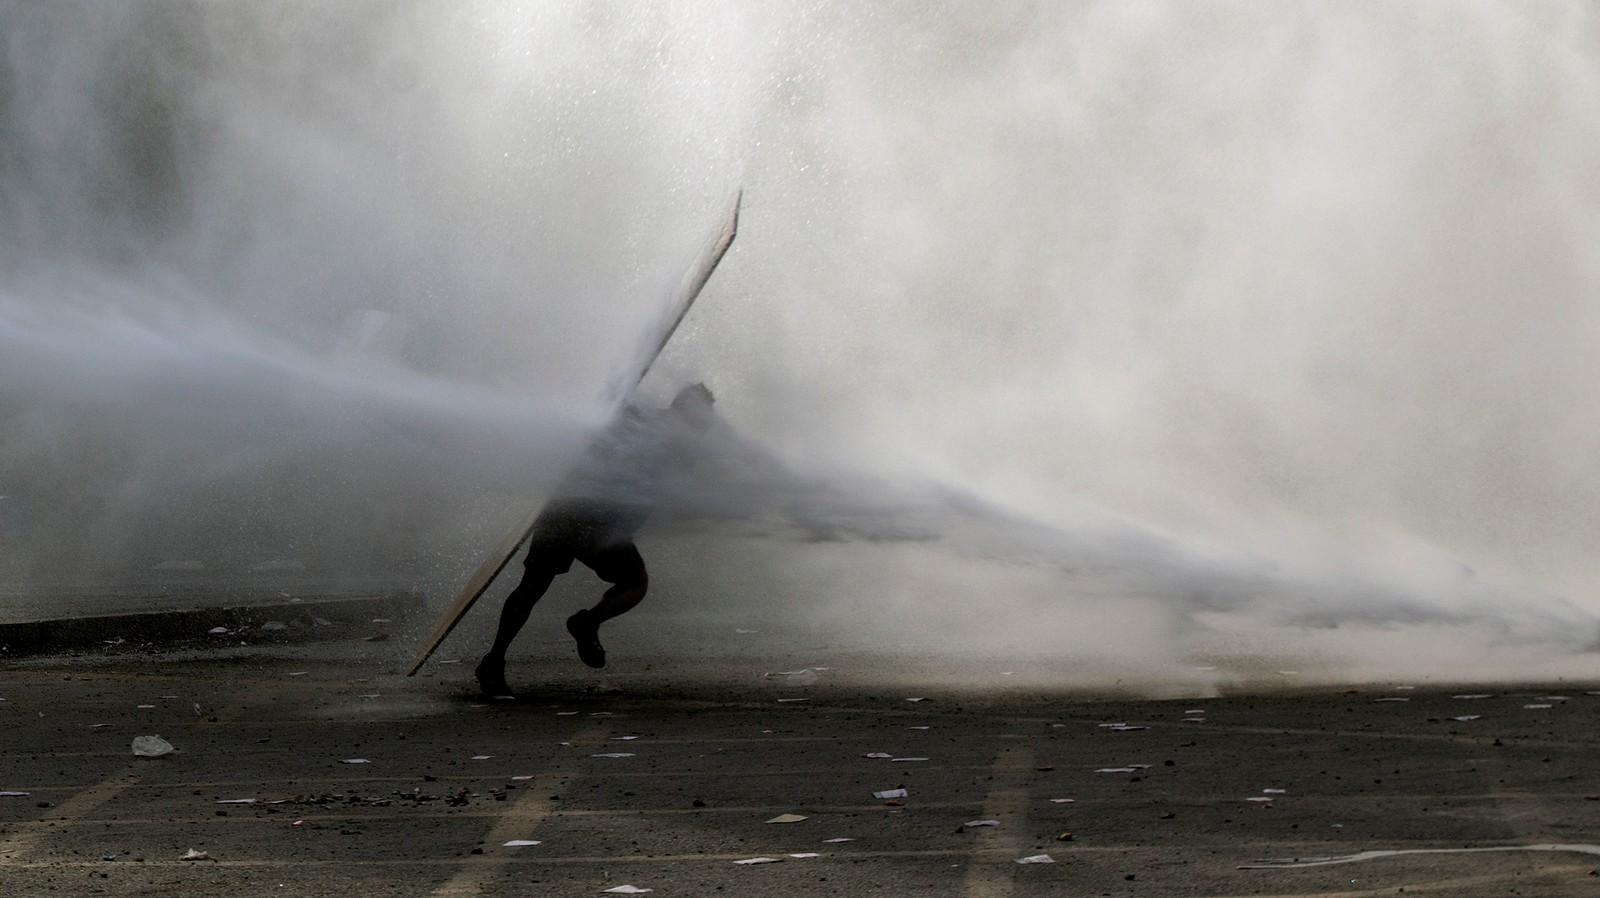 2019 vue par les photographes de l'agence France-Presse